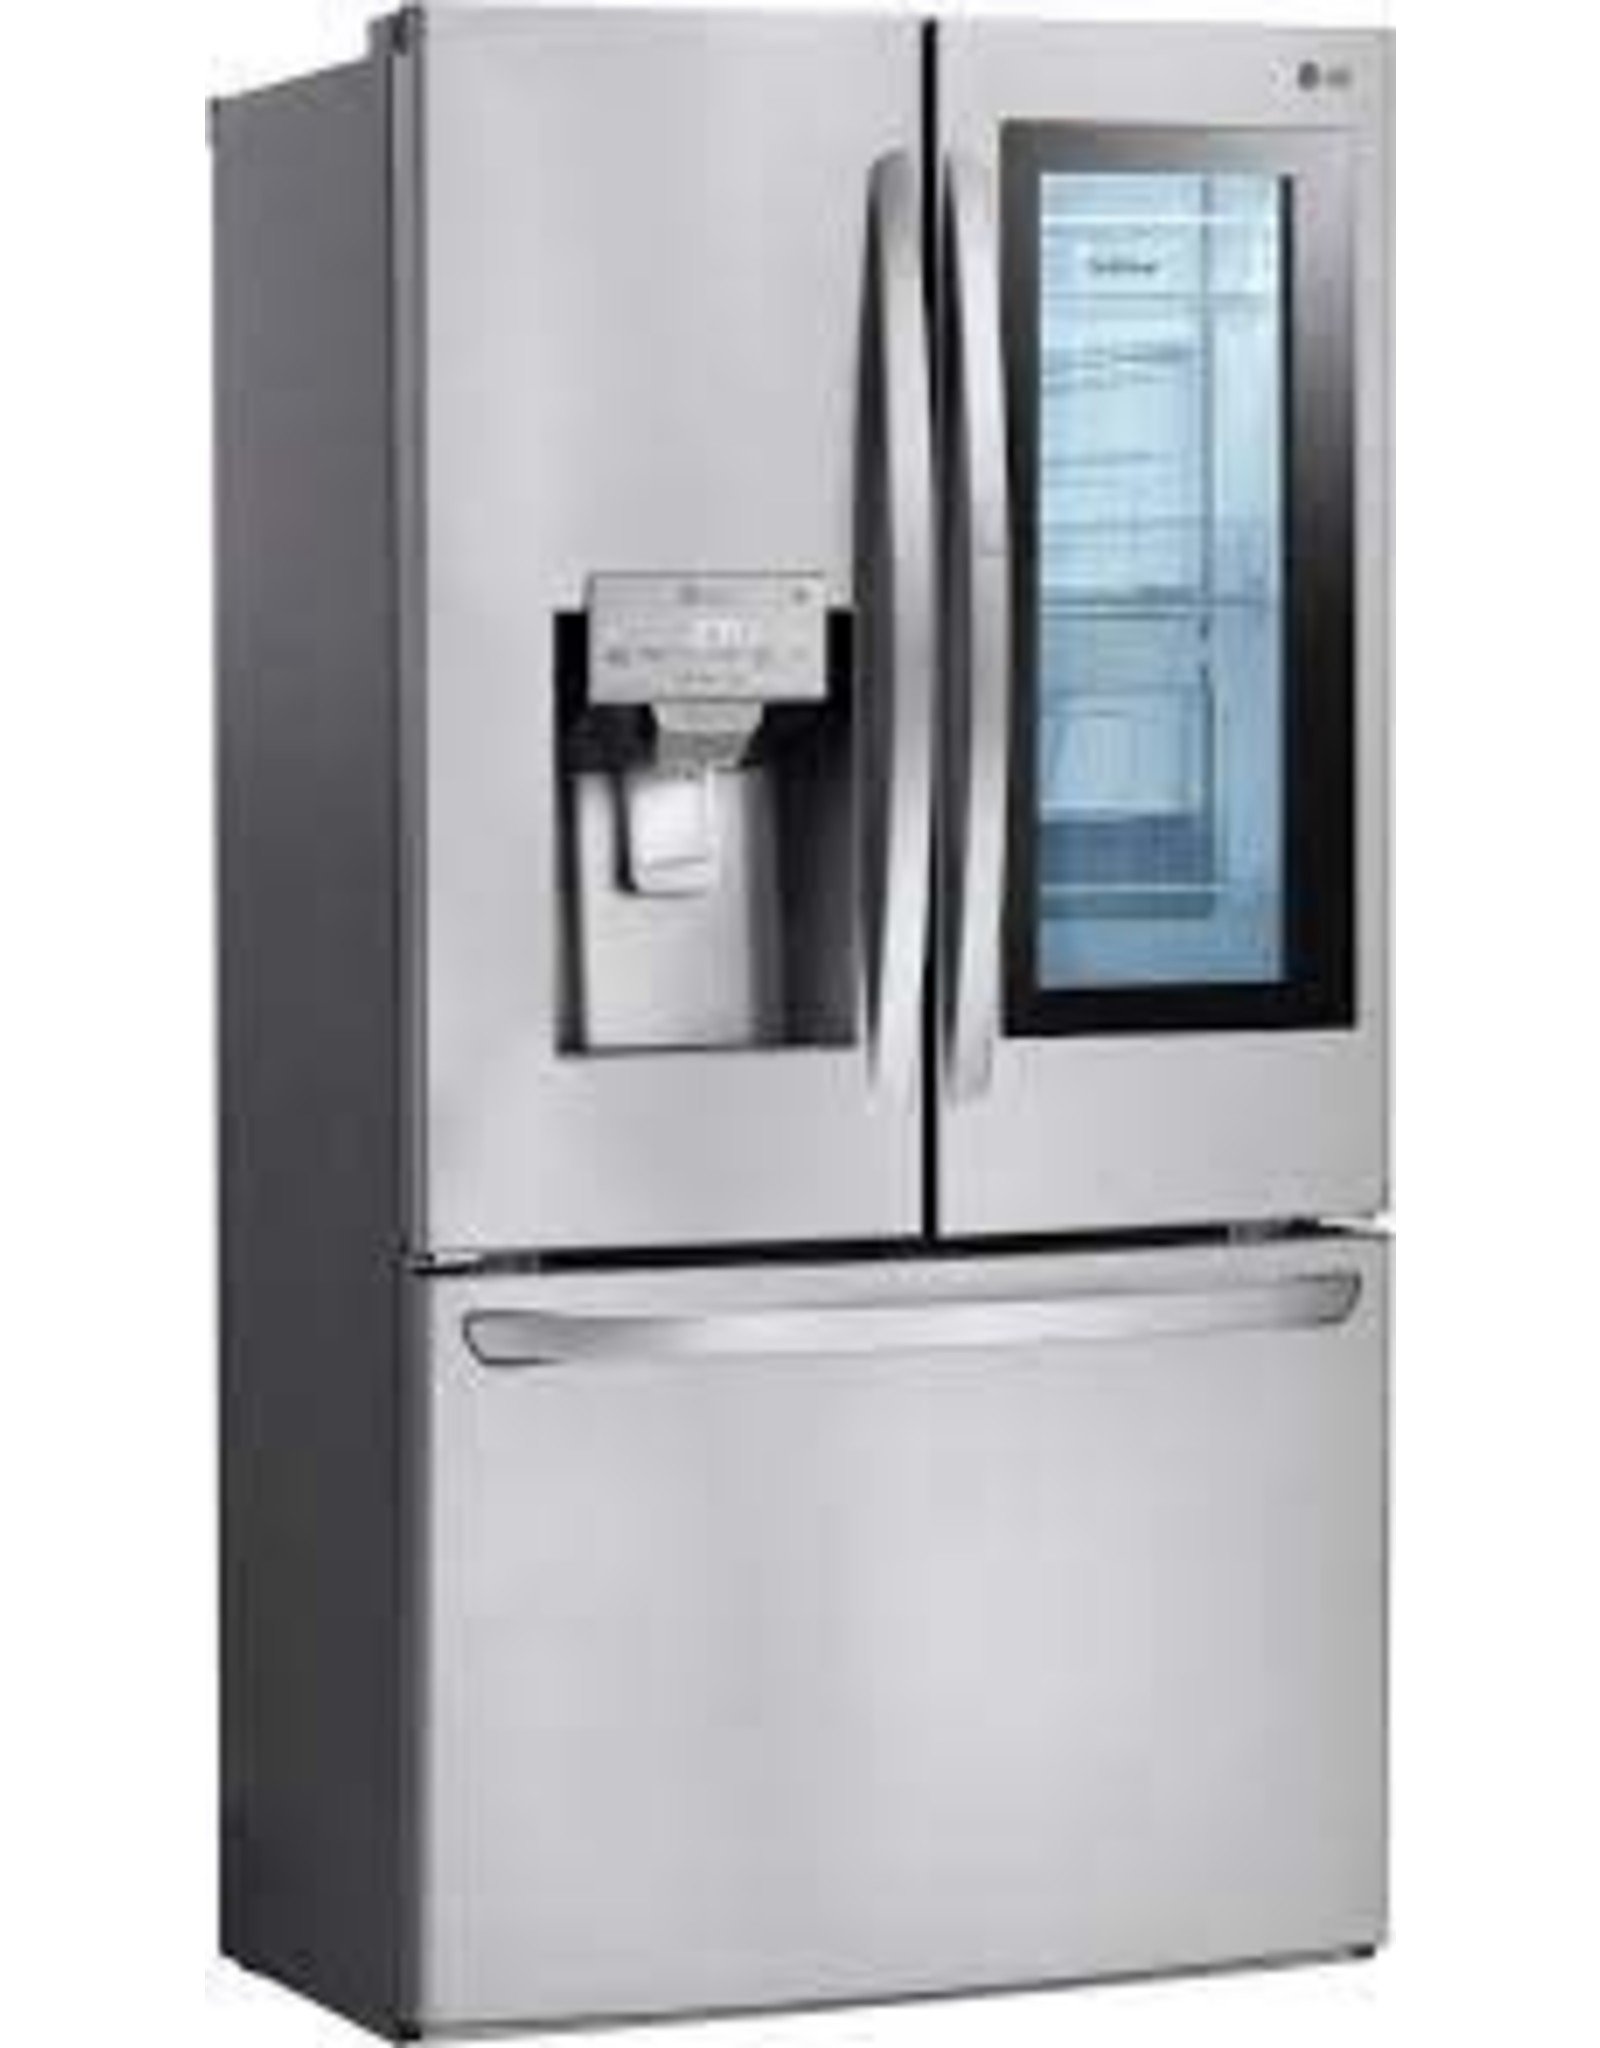 LG Electronics LFXS28596S 28 cu. ft. 3 Door French Door Smart Refrigerator with InstaView Door-in-Door in PrintProof Stainless Steel